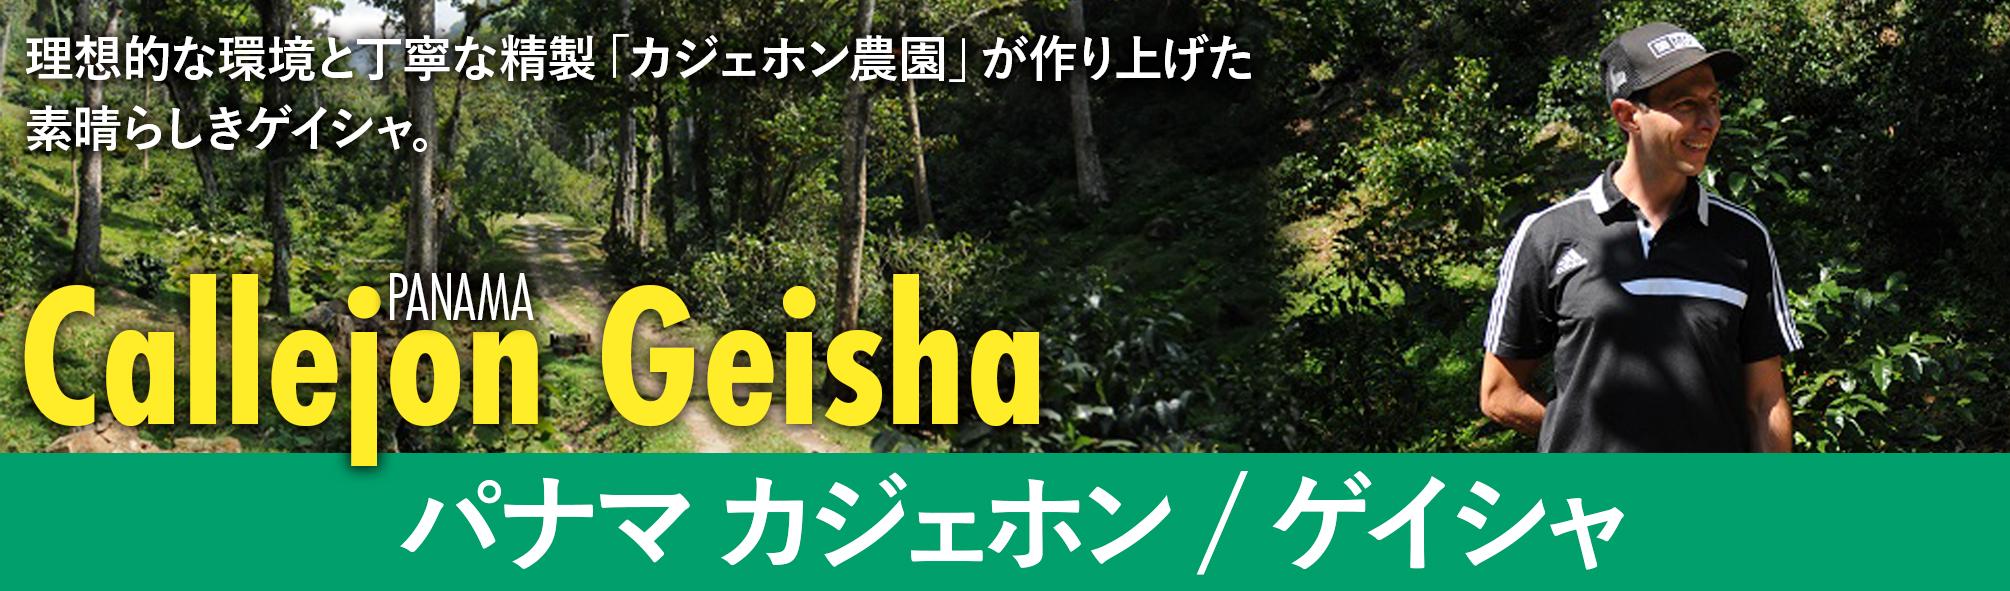 パナマ カジェホン ゲイシャ/Natural【100g】